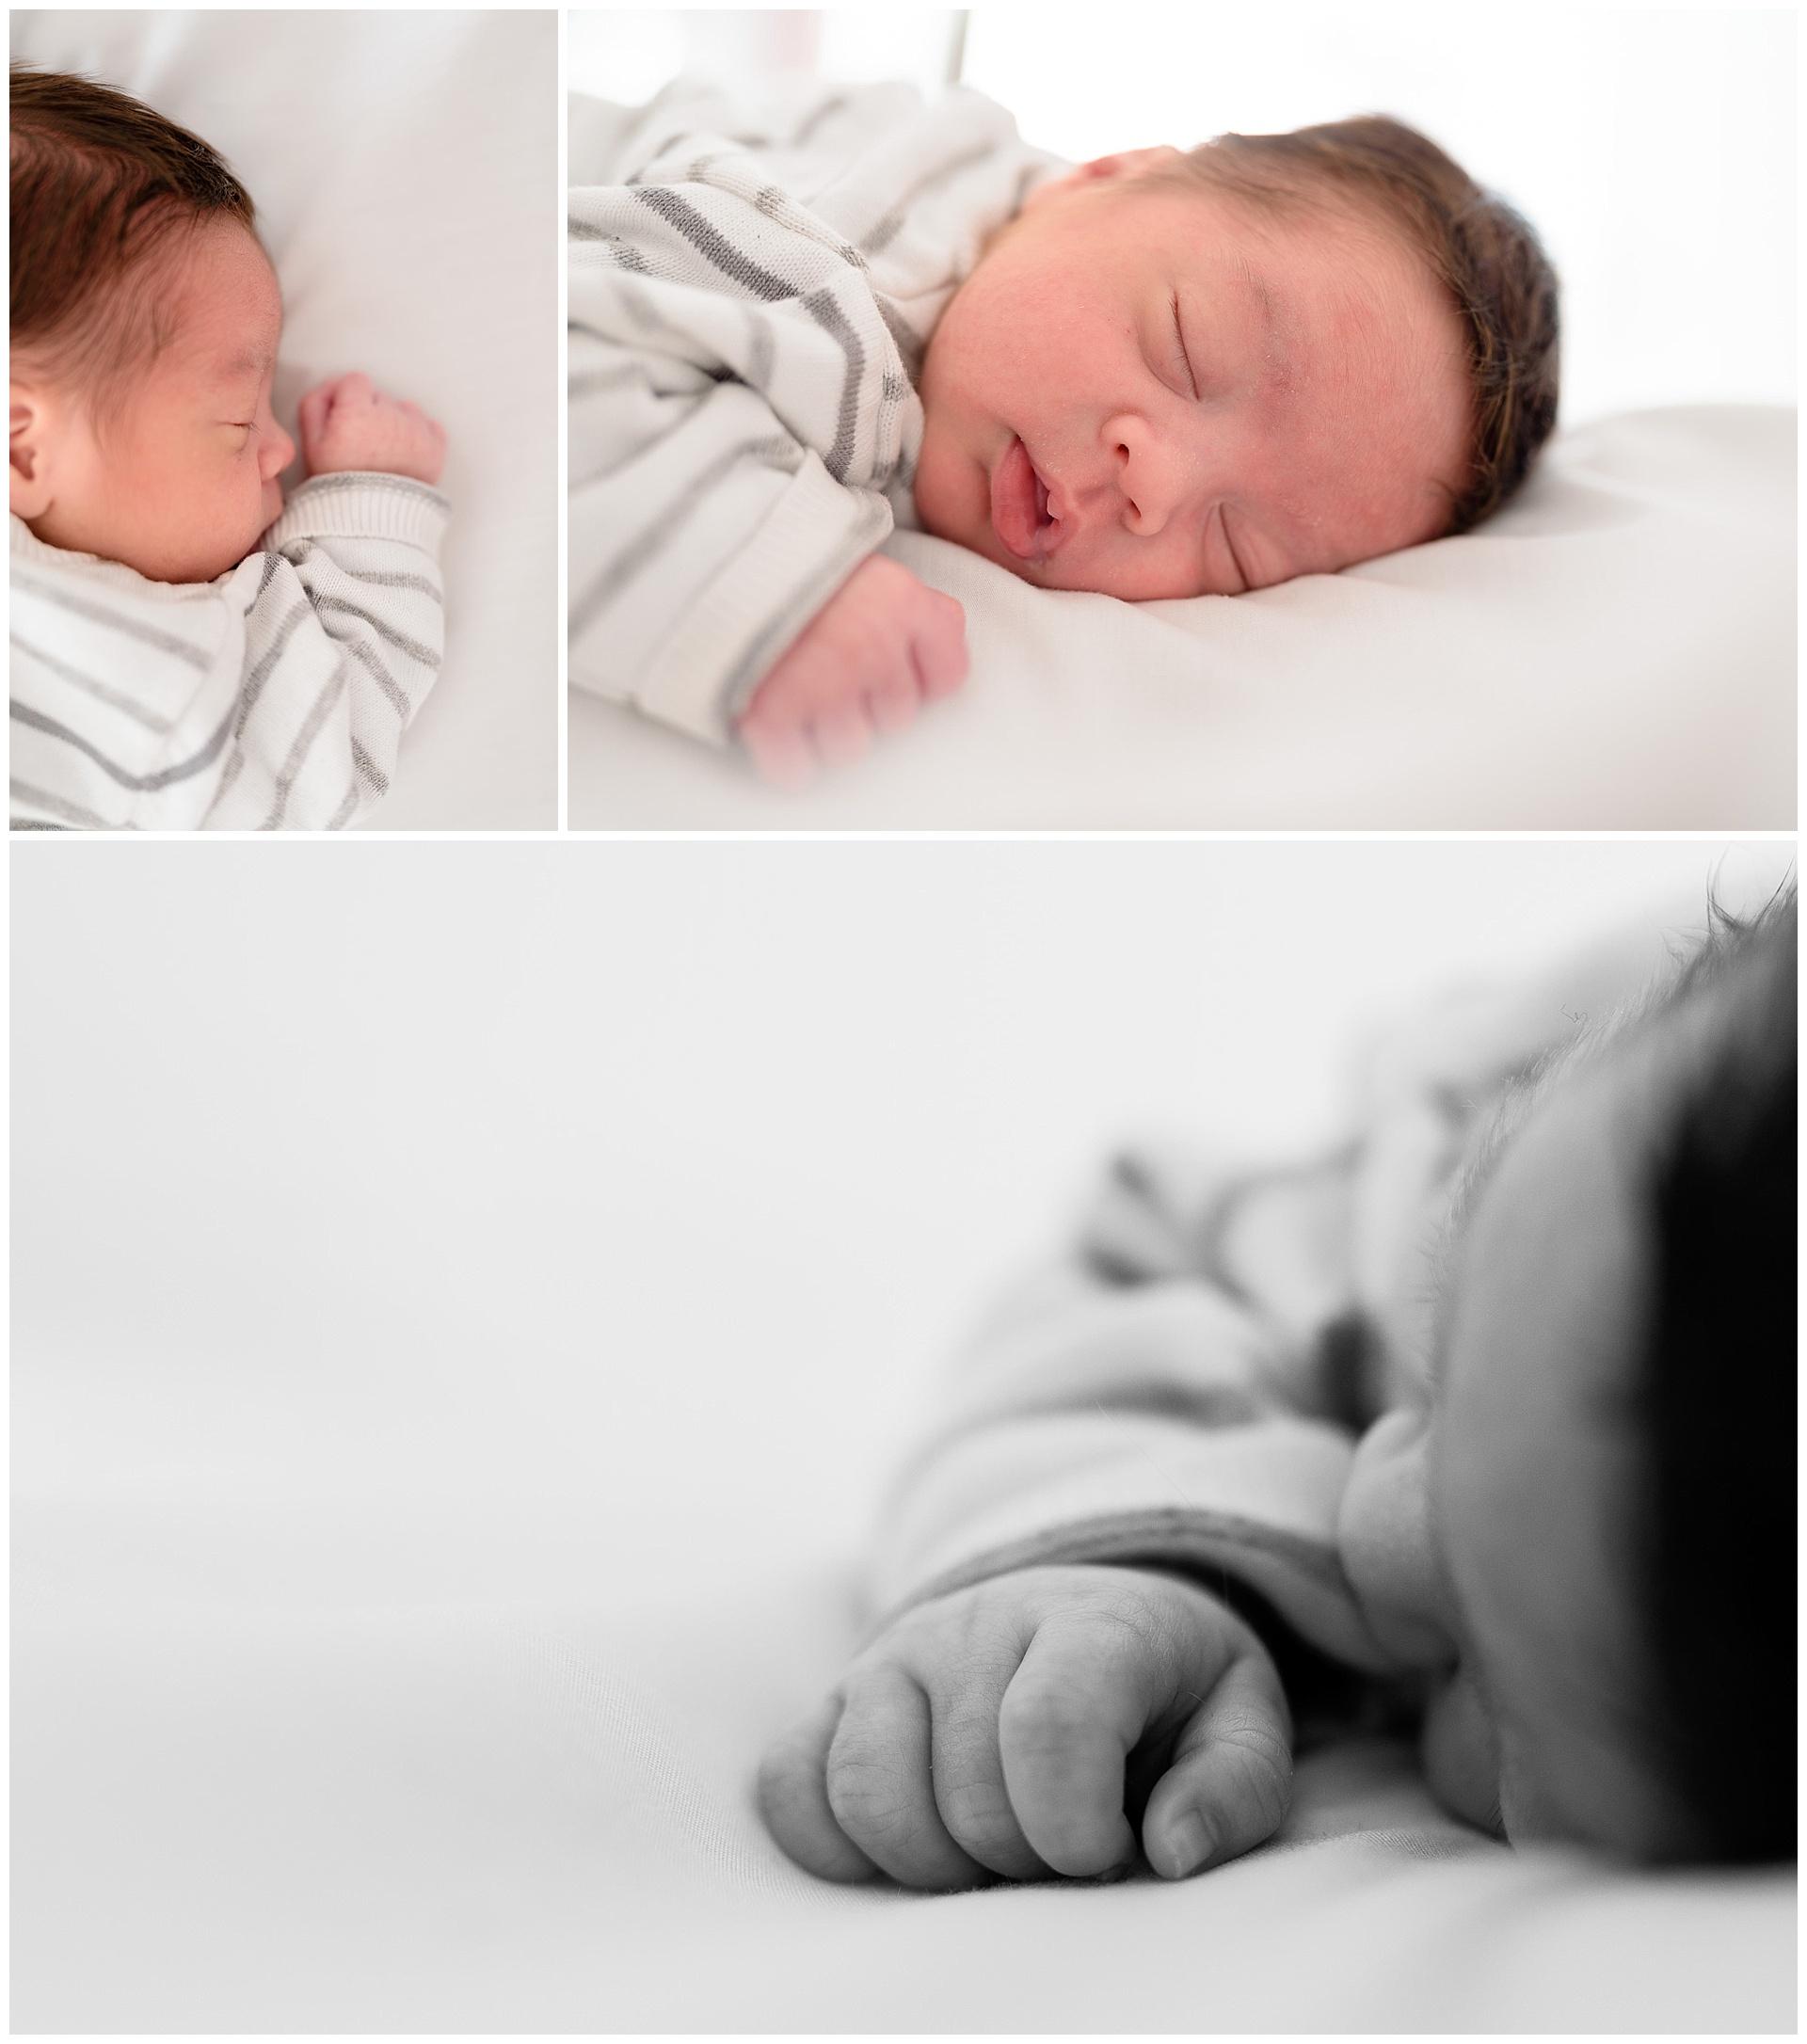 Séance photo naissance nouveau-né domicile bébé hauts-de-seine Boulogne-Billancourt